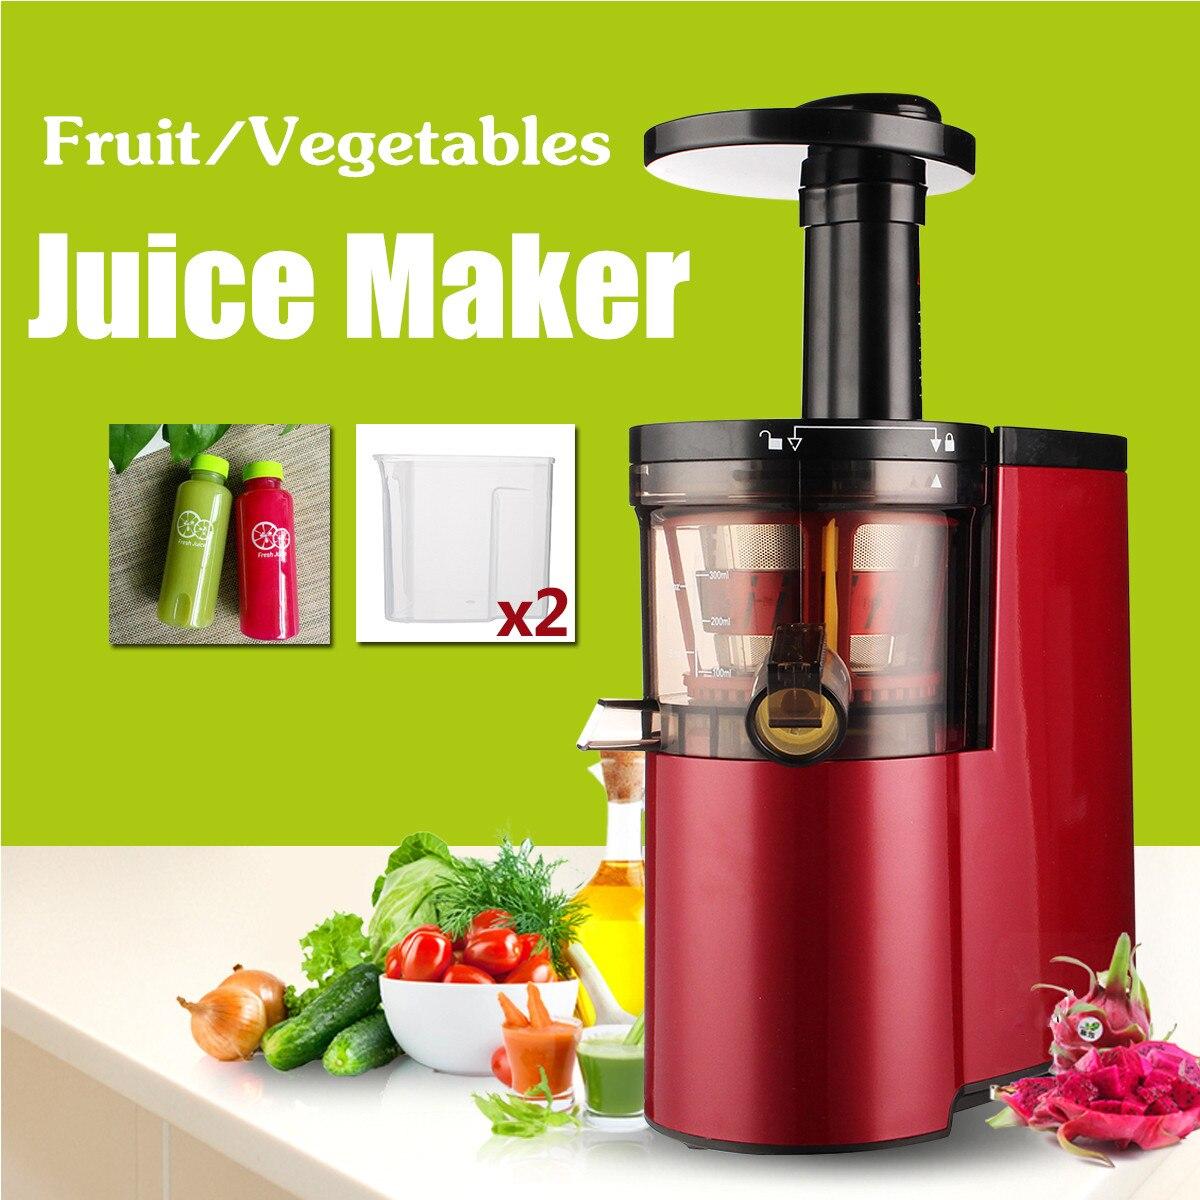 220 В электрическая соковыжималка медленного отжима фрукты овощи низкая Скорость Сок чайник Extractor 150 Вт самоочистки ультра-тихий красный сжи...